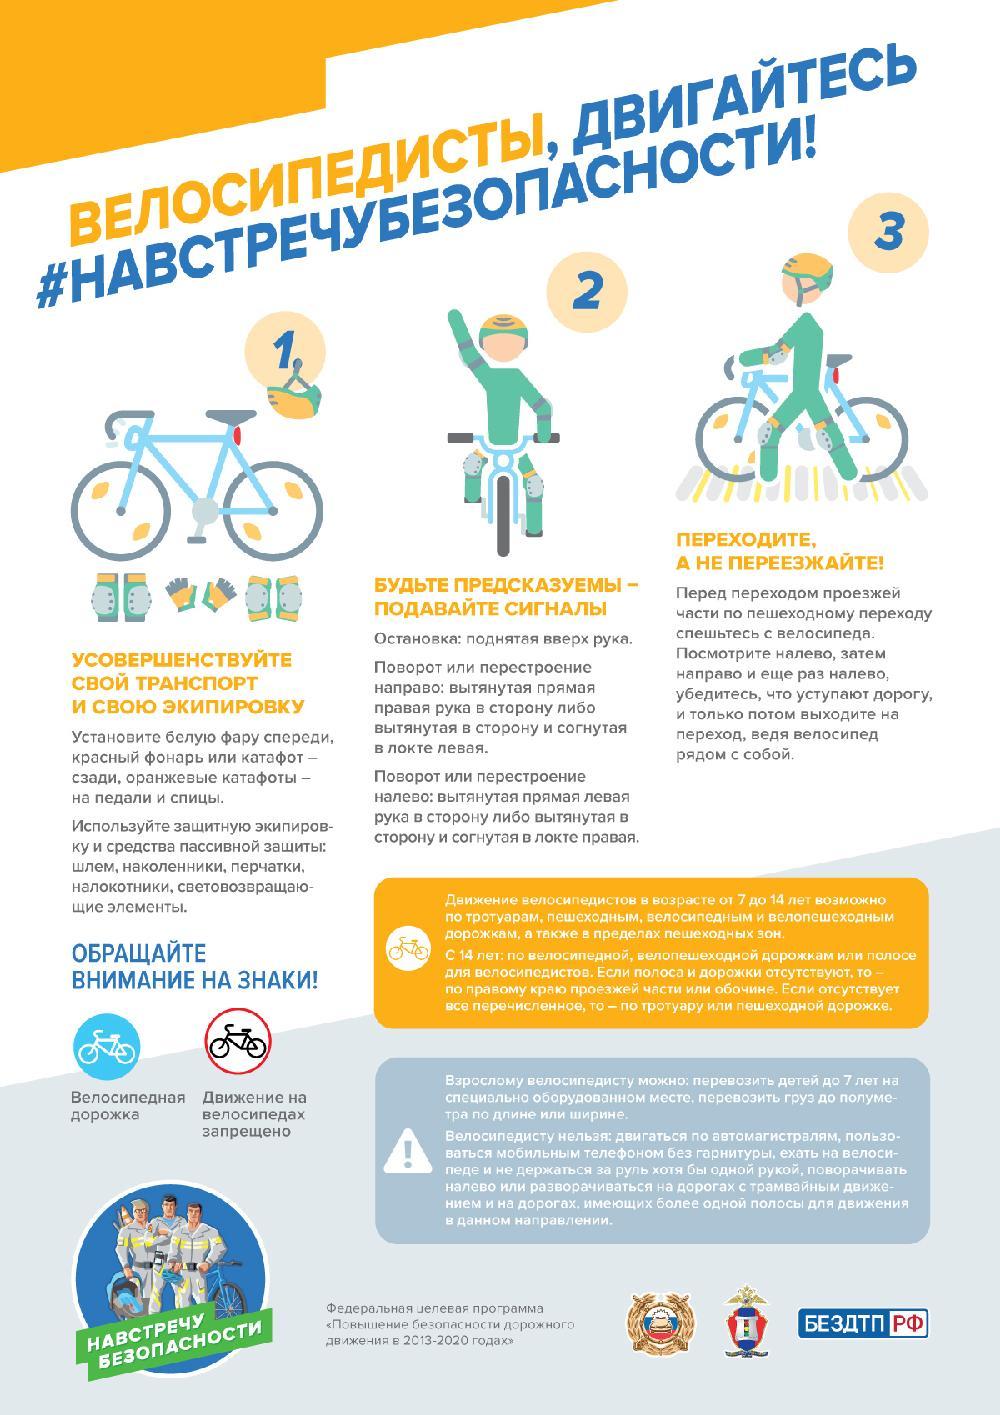 Велосипедисты, двигайтесь навстречу безопасности